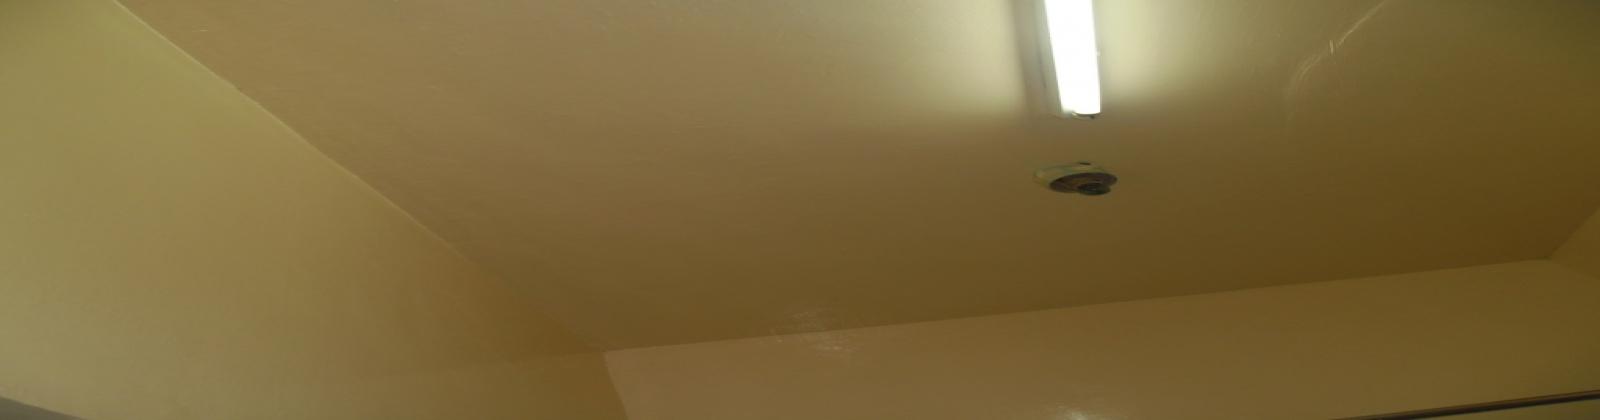 Muscat,2 Bedrooms Bedrooms,2 BathroomsBathrooms,Apartment,FAM-1465,2,1014